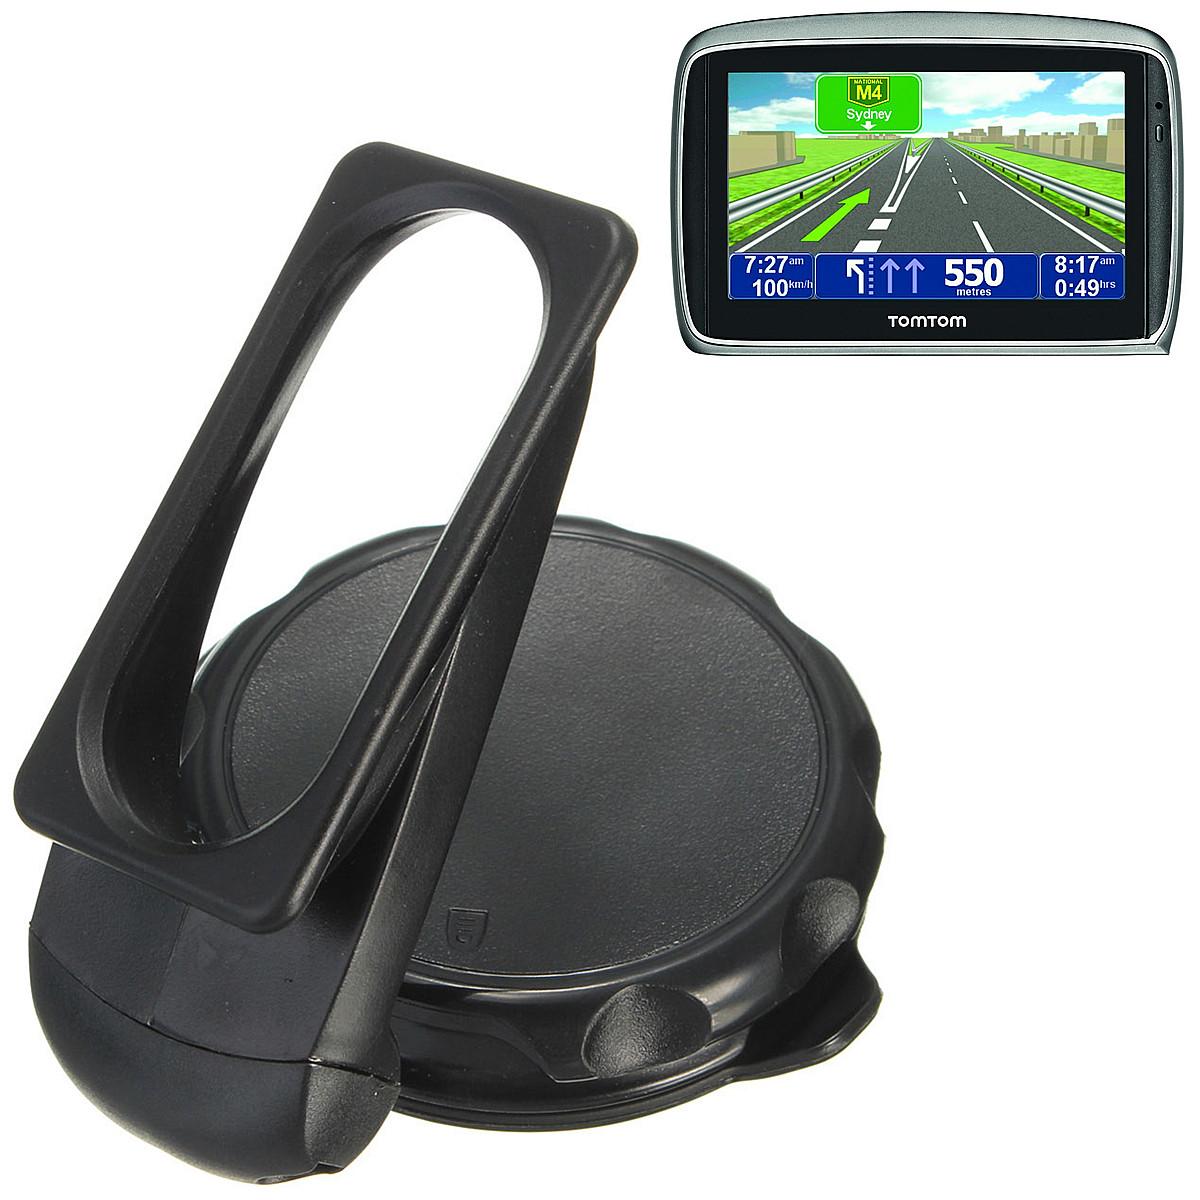 car windscreen gps mount holder for tomtom go 720 730 920. Black Bedroom Furniture Sets. Home Design Ideas